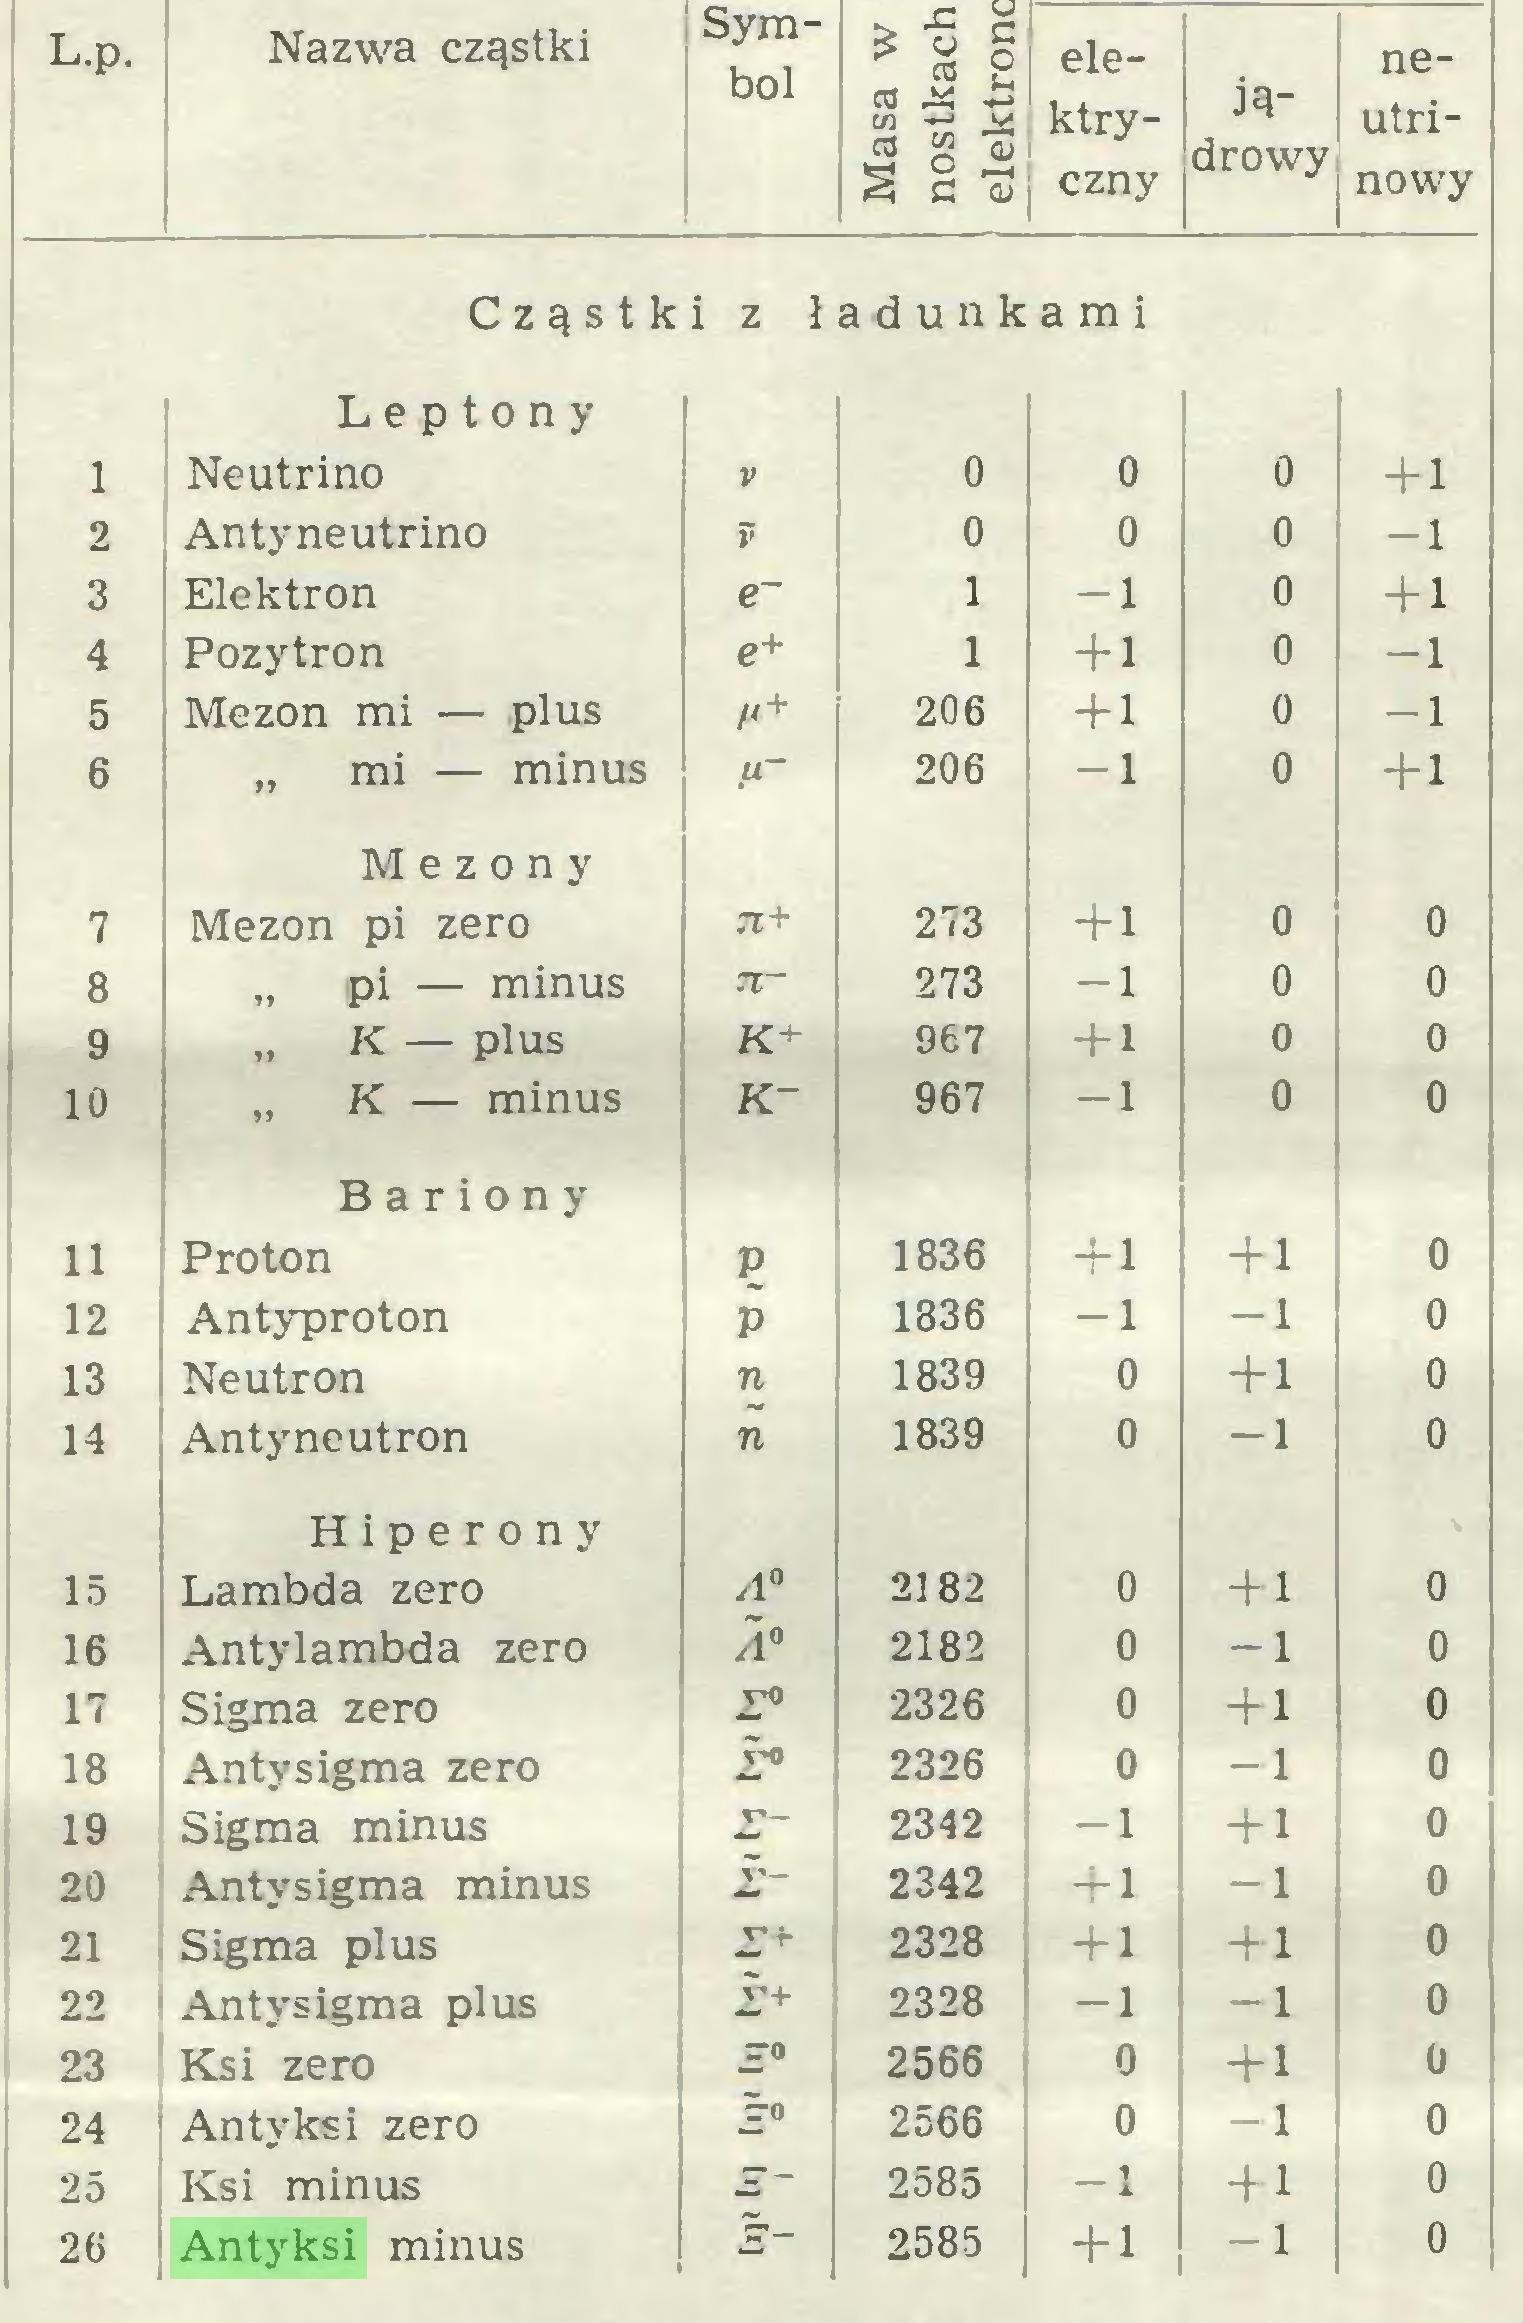 """(...) L.p. Nazwa cząstki Symbol > -Z c ź W o CO łL OJ ^ ^ § C -aJ elektryczny jądrowy neutrinowy 1 C z ą s t k Leptony Neutrino i z ladunk r ' 0 a m i 0 0 +1 2 Antyneutrino o 0 o -1 3 Elektron e~ 1 -1 0 +1 4 Pozytron e+ 1 + 1 0 -1 5 Mezon mi — plus 206 + 1 0 -1 6 """" mi — minus 206 -1 0 + 1 7 Mezony Mezon pi zero 71+ 273 + 1 0 0 8 """" pi — minus 7l~ 273 -1 0 0 9 """" K — plus K+ 967 + 1 0 0 10 """" K — minus K- 967 -1 0 0 U Bariony Proton P 1836 +1 +1 0 12 Antyproton P 1836 -1 -1 0 13 Neutron n 1839 0 +1 0 14 Antyneutron n 1839 0 -1 0 15 Hiperony Lambda zero A° 2182 0 +1 0 16 Antylambda zero A° 2182 0 -1 0 17 Sigma zero 2326 0 +1 0 18 Antysigma zero 2326 0 -1 0 19 Sigma minus r— 2342 -1 + 1 0 20 Antysigma minus ¿- 2342 +1 -1 0 21 Sigma plus z+ 2328 +1 +1 0 22 Antysigma plus 2+ 2328 -1 -1 0 23 Ksi zero JTO 2566 0 +1 0 24 Antyksi zero Z'O 2566 0 -1 0 25 Ksi minus 2585 -1 +1 0 26 Antyksi minus s~ 2585 +1 -1 0..."""